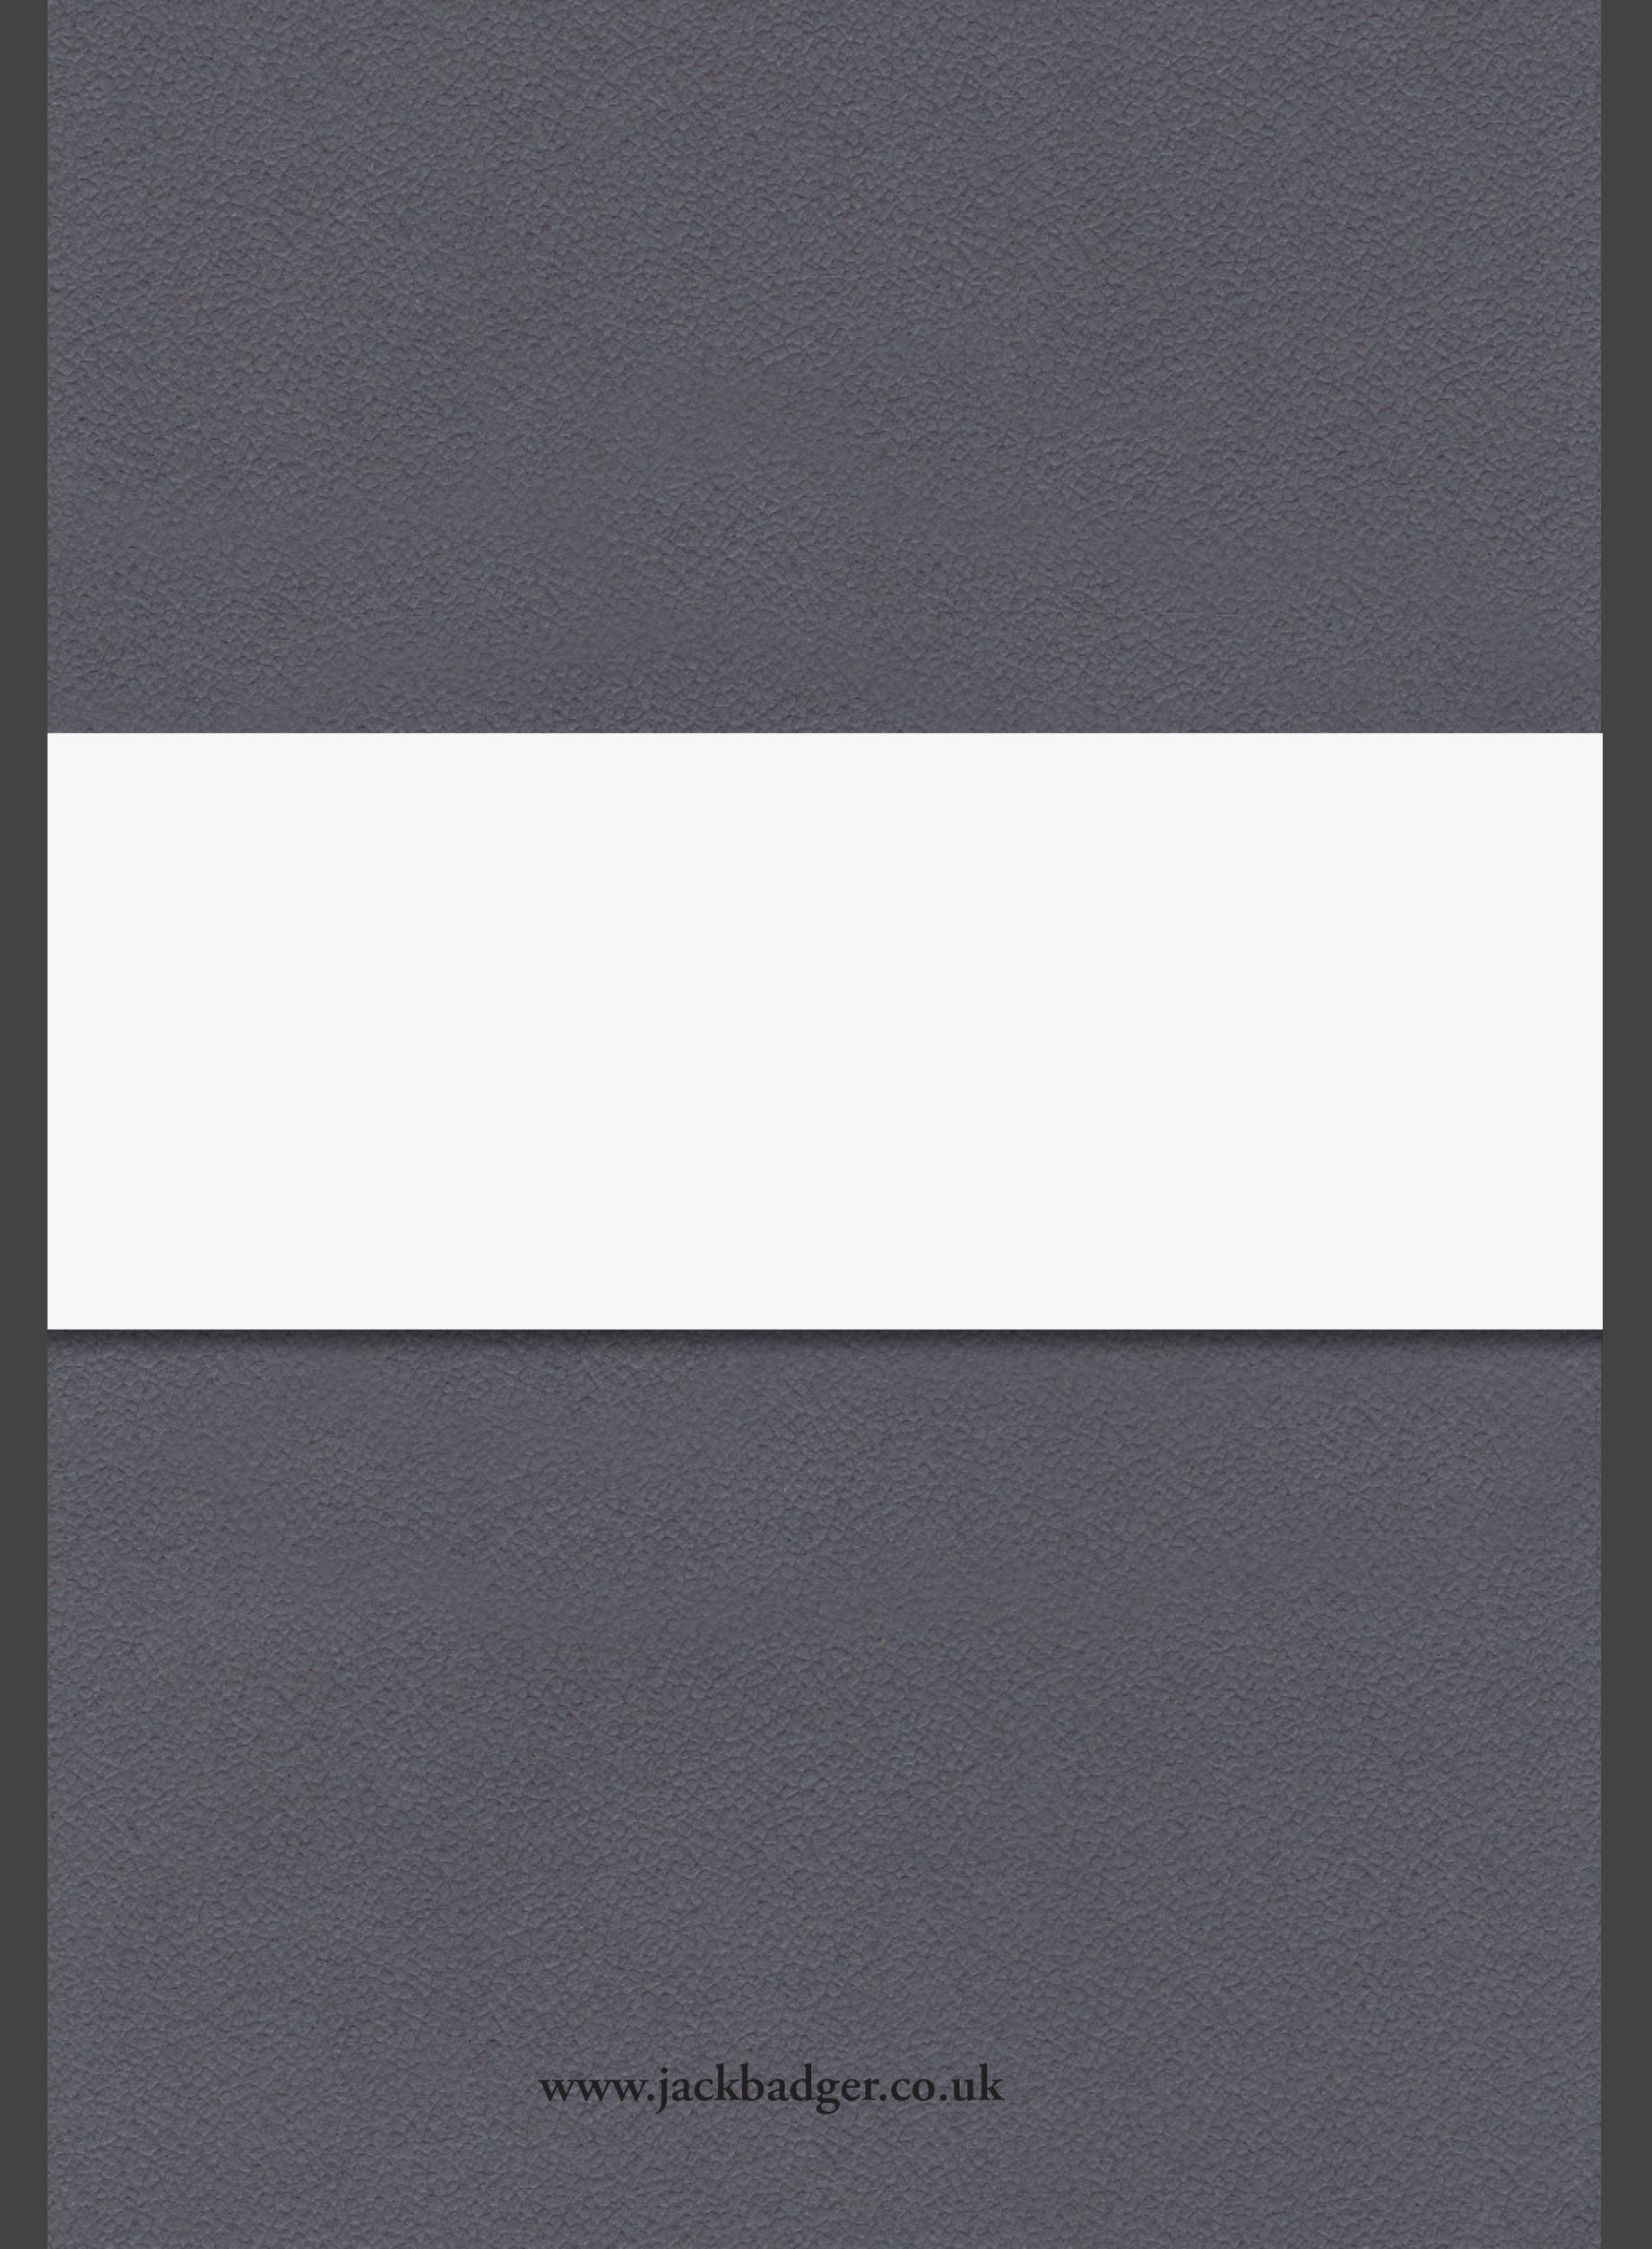 Jack Badger Booklet October 2017-14.jpg